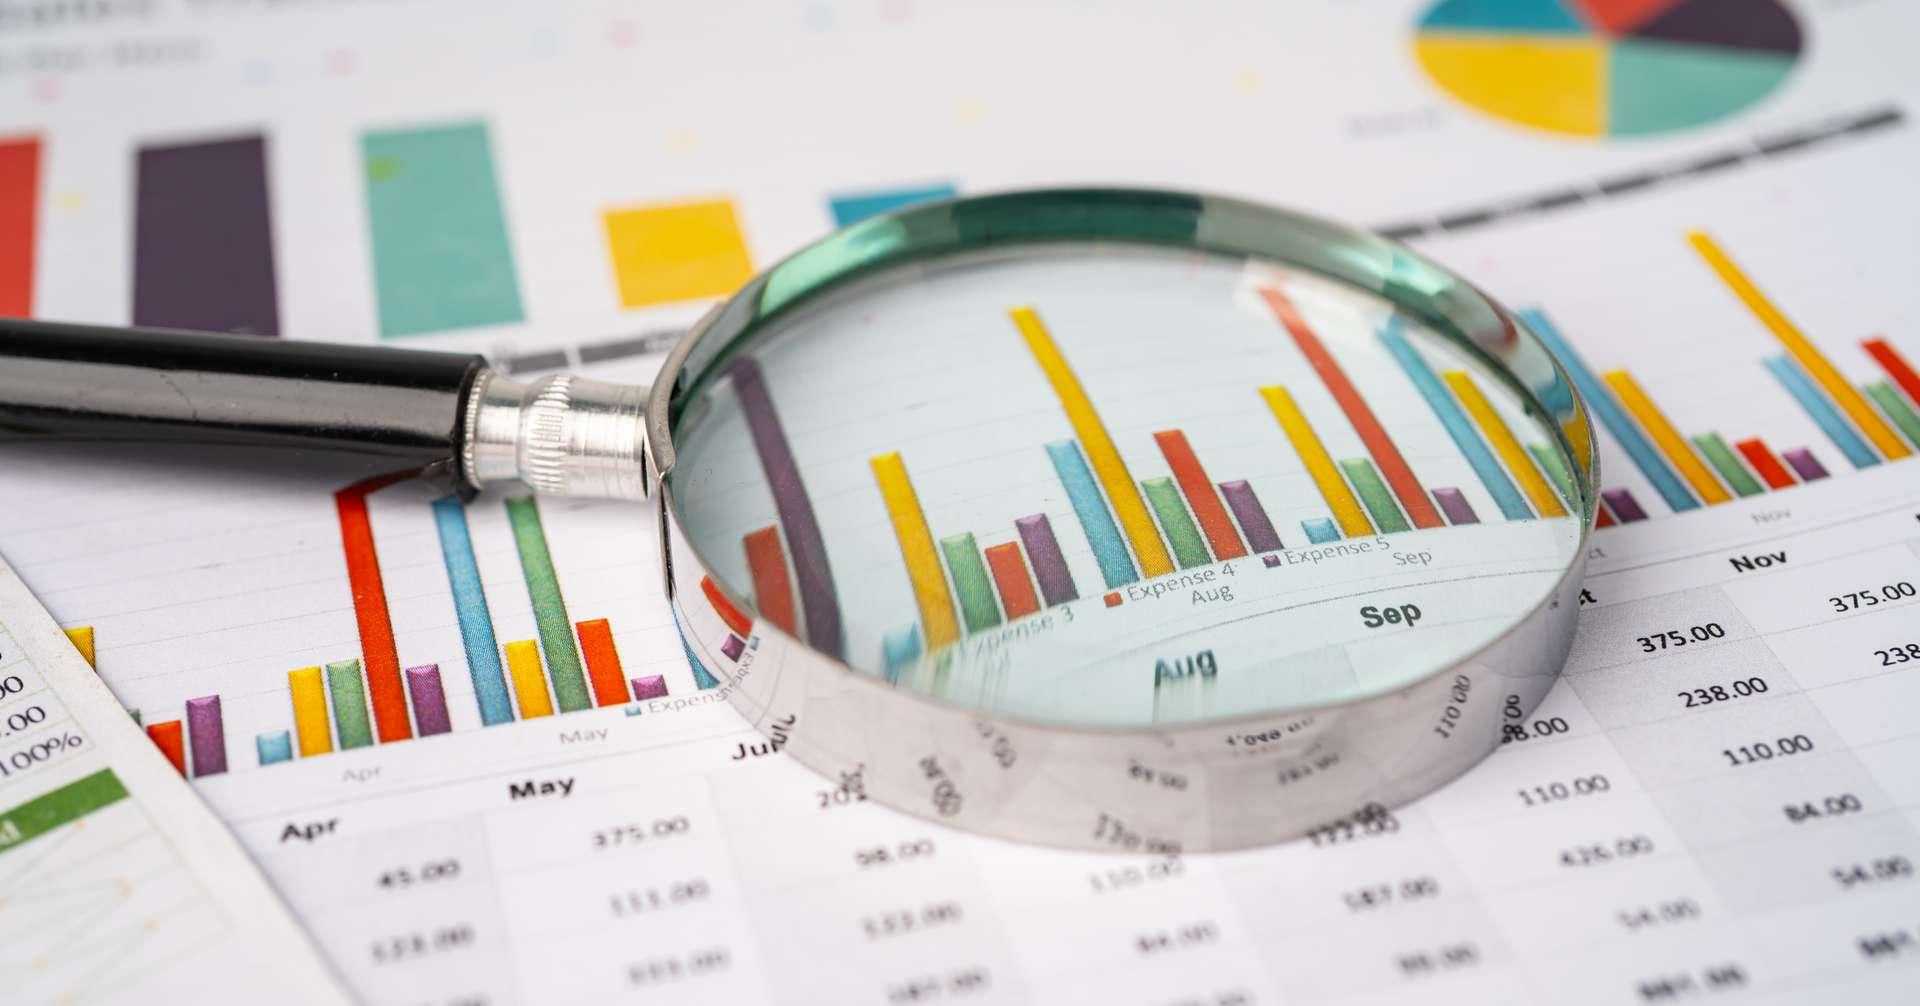 Panduan Cara Melakukan Riset Pasar untuk Bisnis Online, Xperience Team